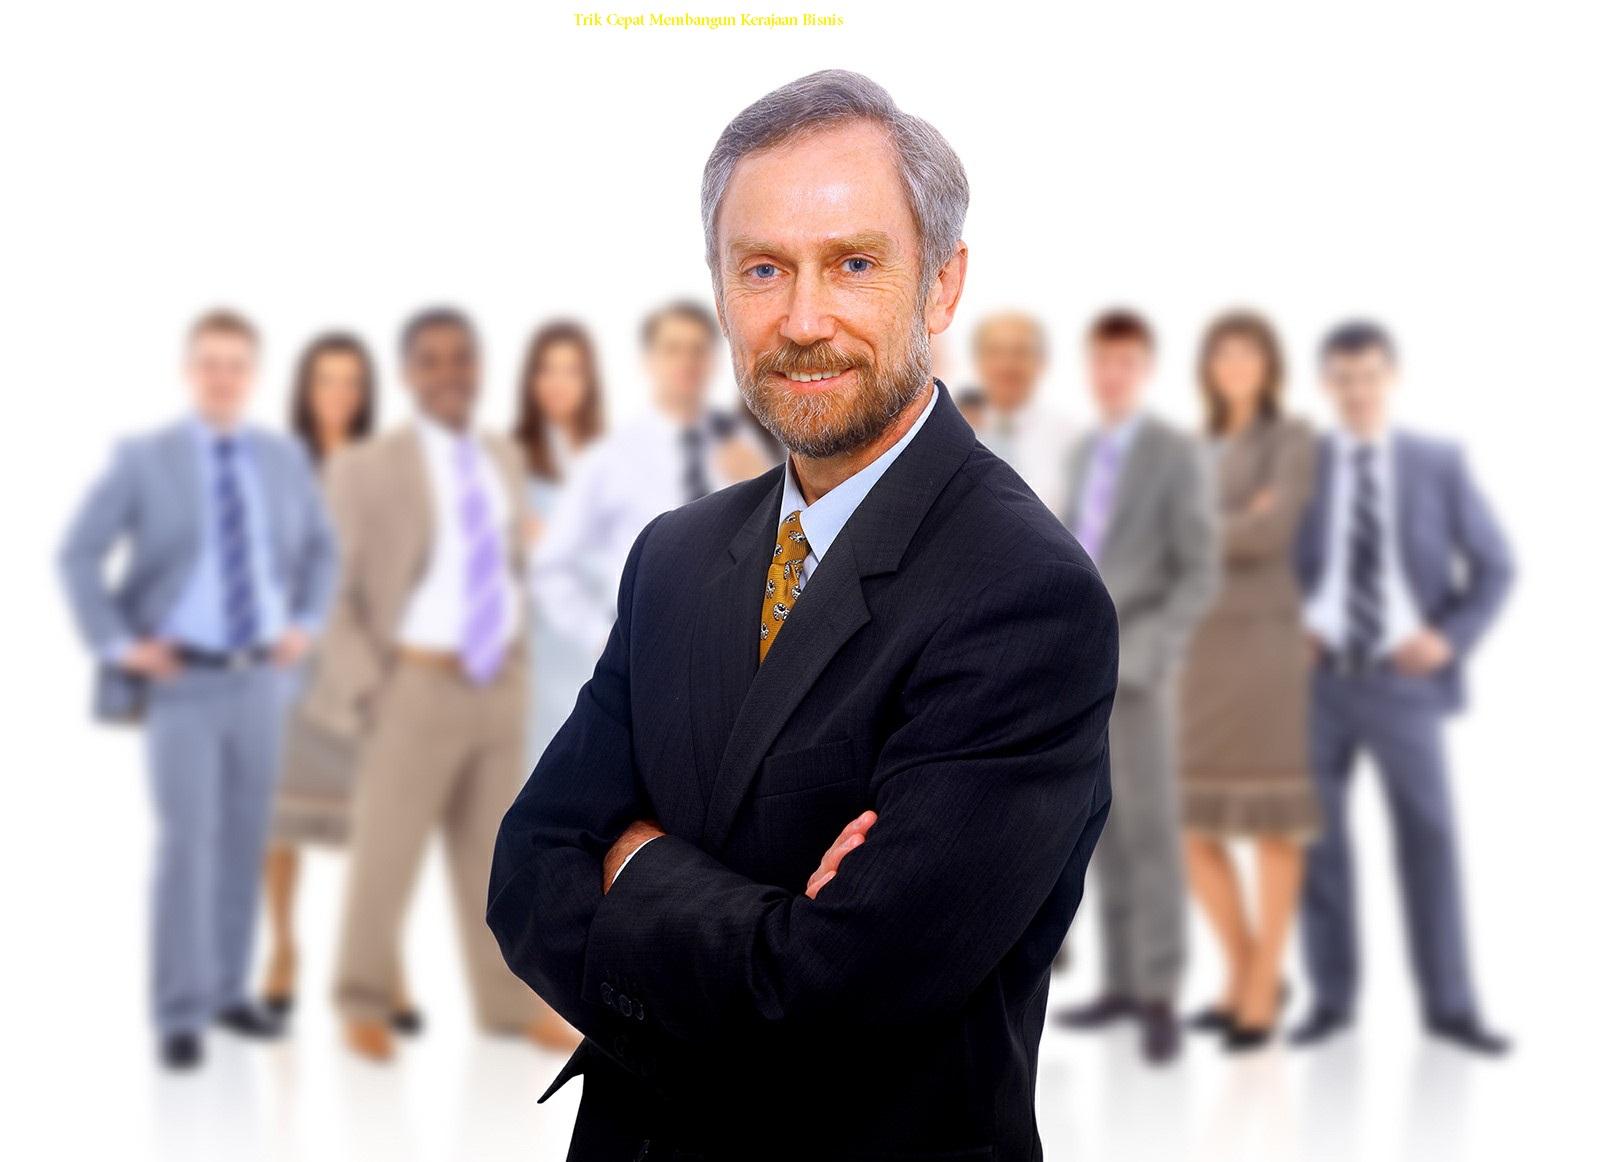 Trik Cepat Membangun Kerajaan Bisnis